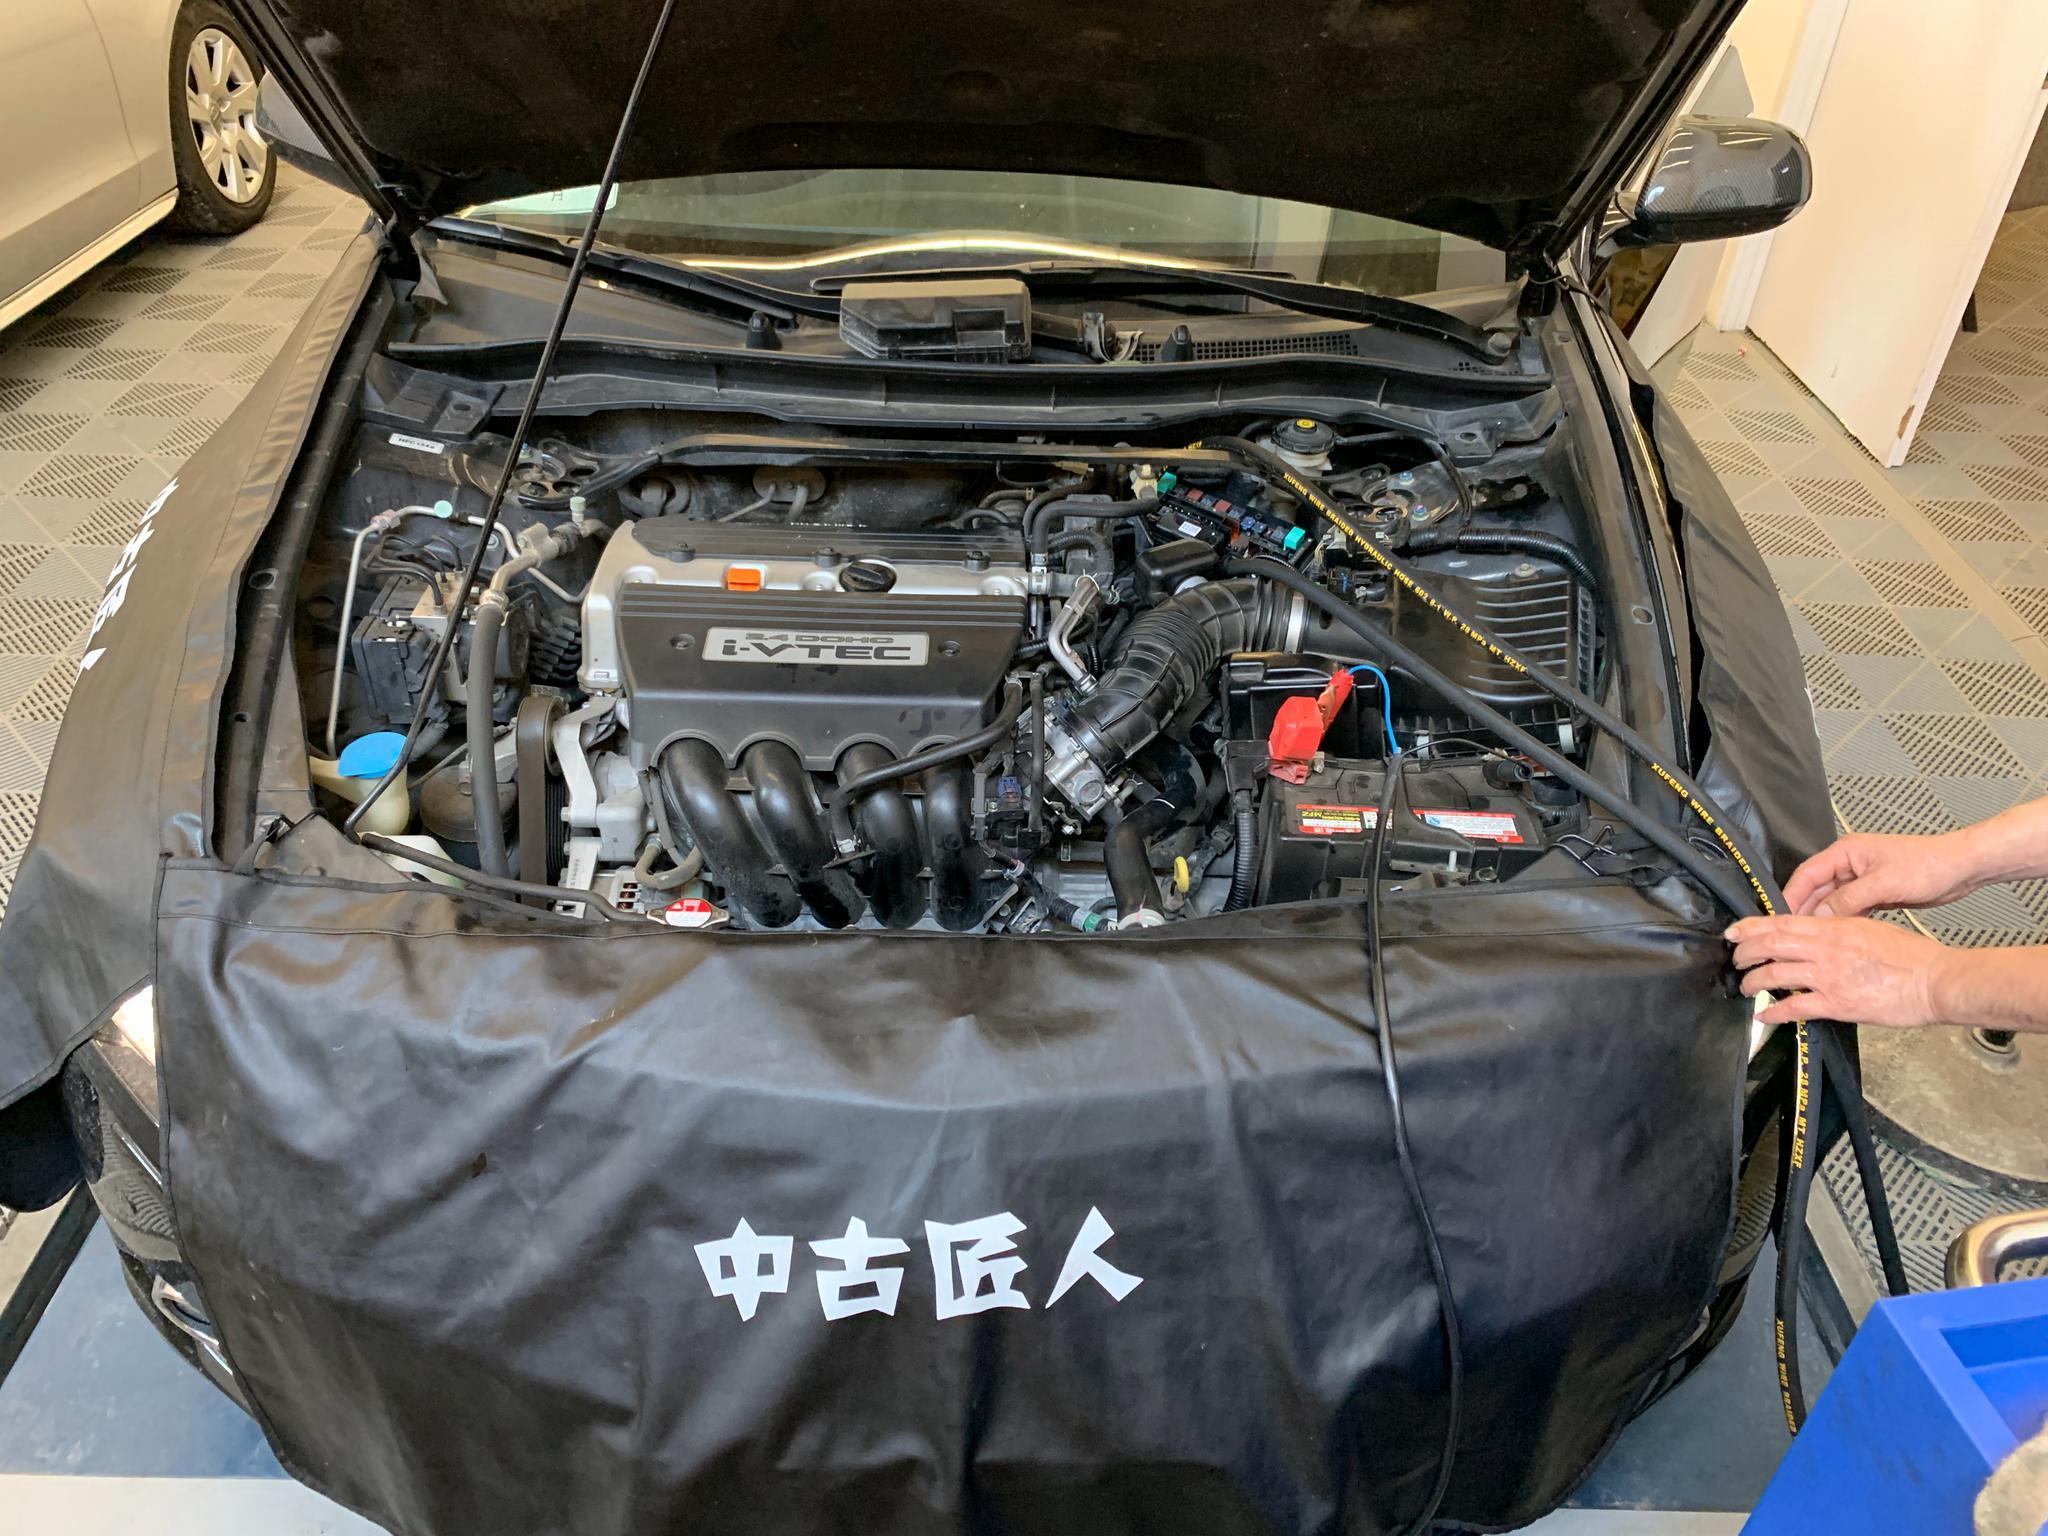 13款思铂睿types整备安排上了,车子卖到了广西桂林,不日板车